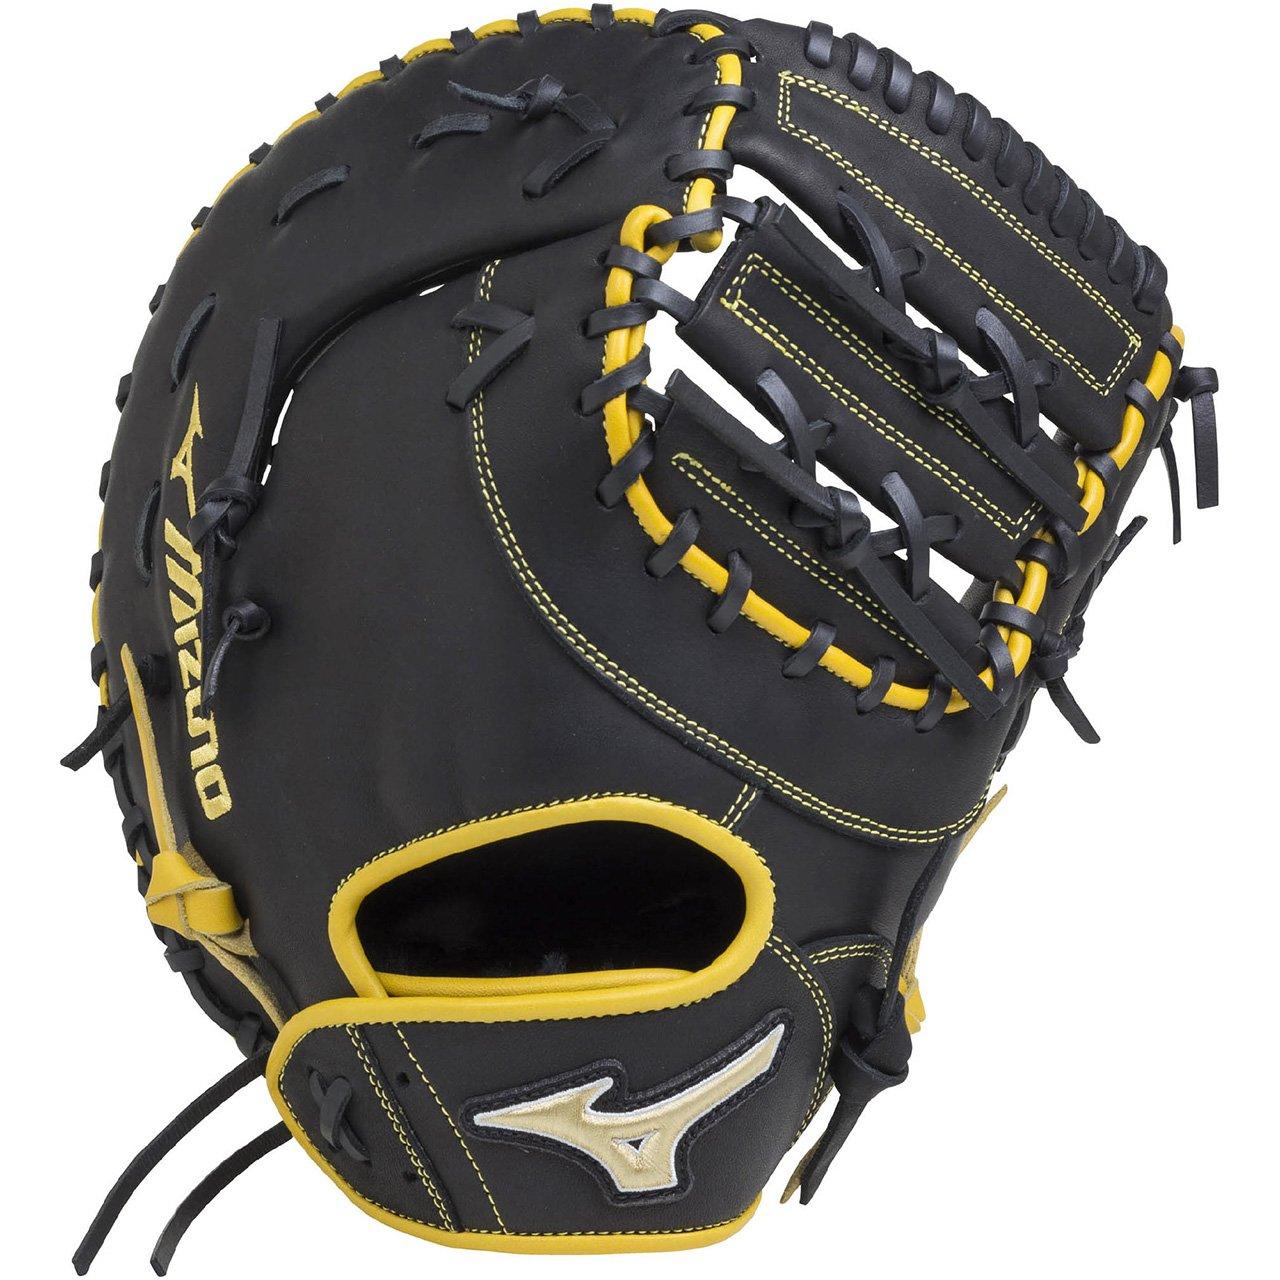 ミズノ(MIZUNO) ソフトボール用 エレメントフュージョンUMiX 捕手一塁手兼用(コンパクトタイプ) 1AJCS18420 B079TK34H6 左投用|ブラック×ナチュラル(0947) ブラック×ナチュラル(0947) 左投用